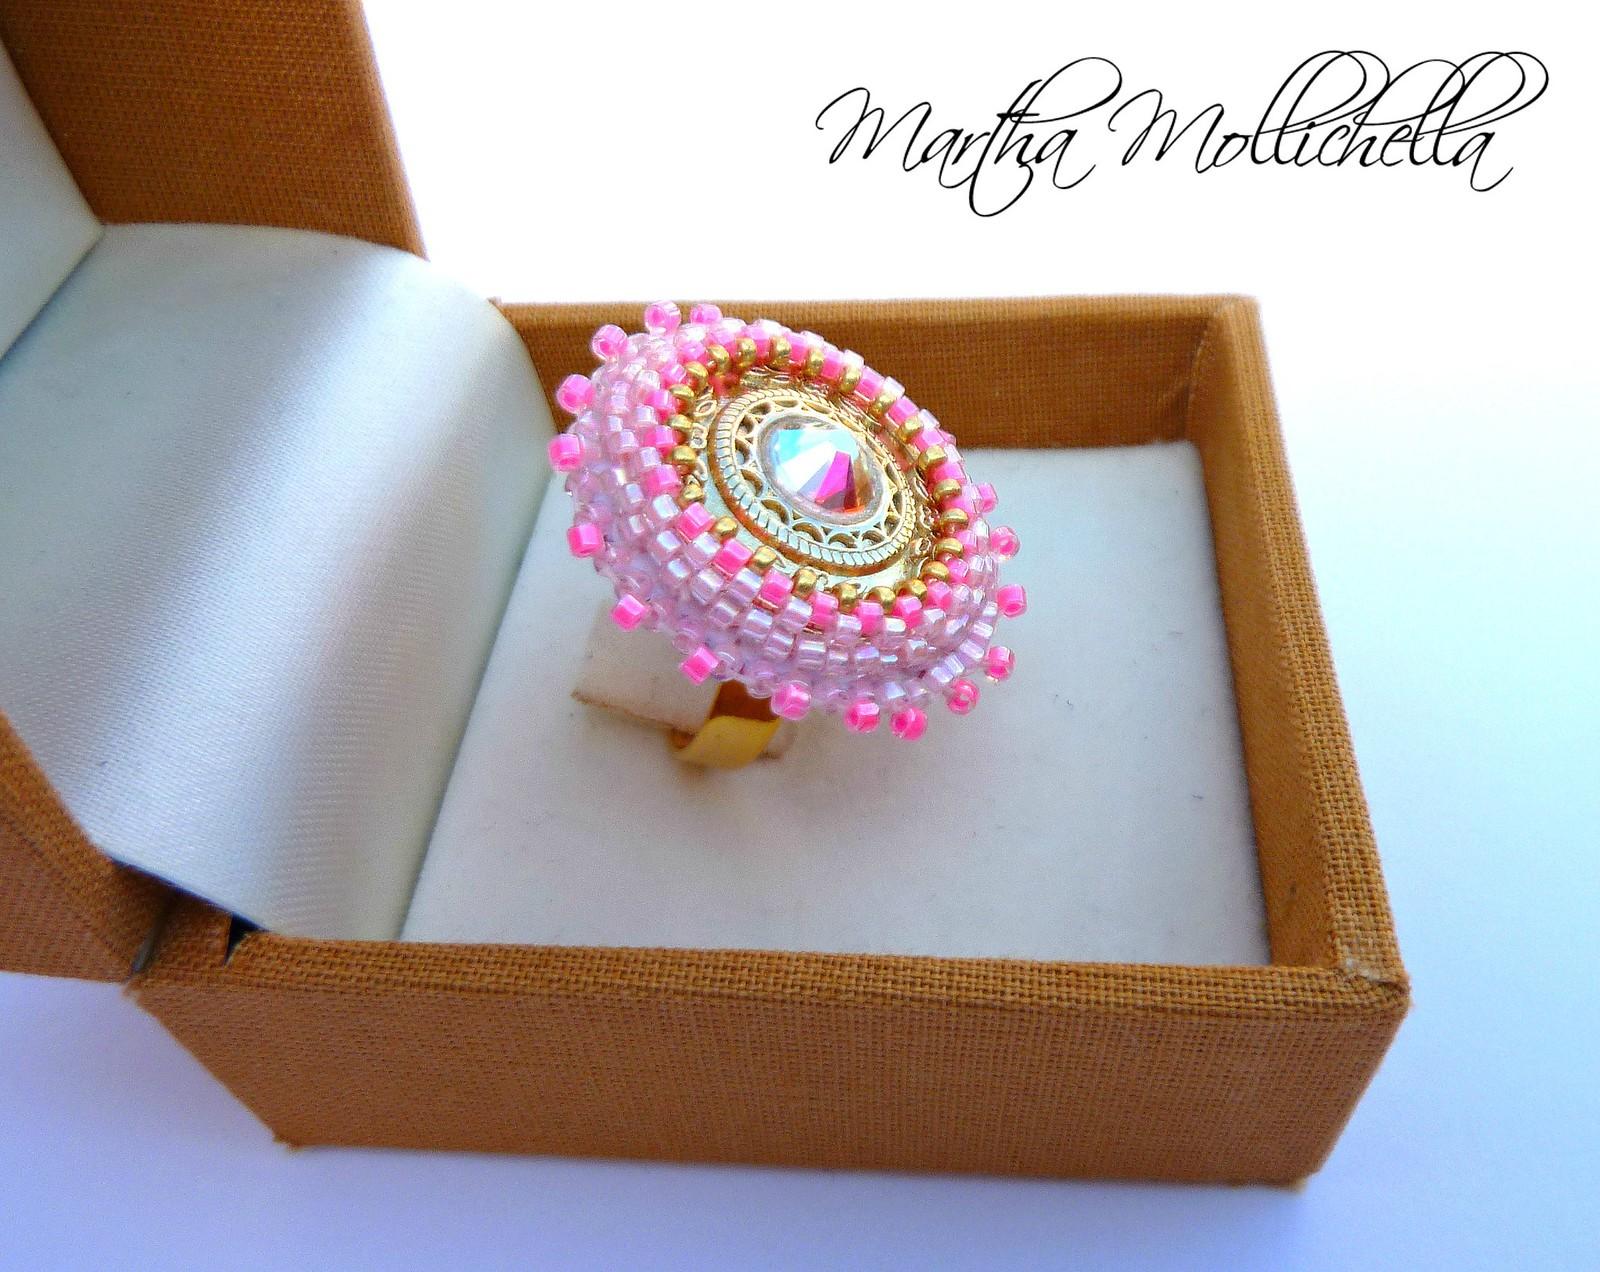 anello ricamato a mano con cabochon centrale in metallo galvanizzato color oro, strass Swarovski  e perline di precisione giapponesi by Martha Mollichella